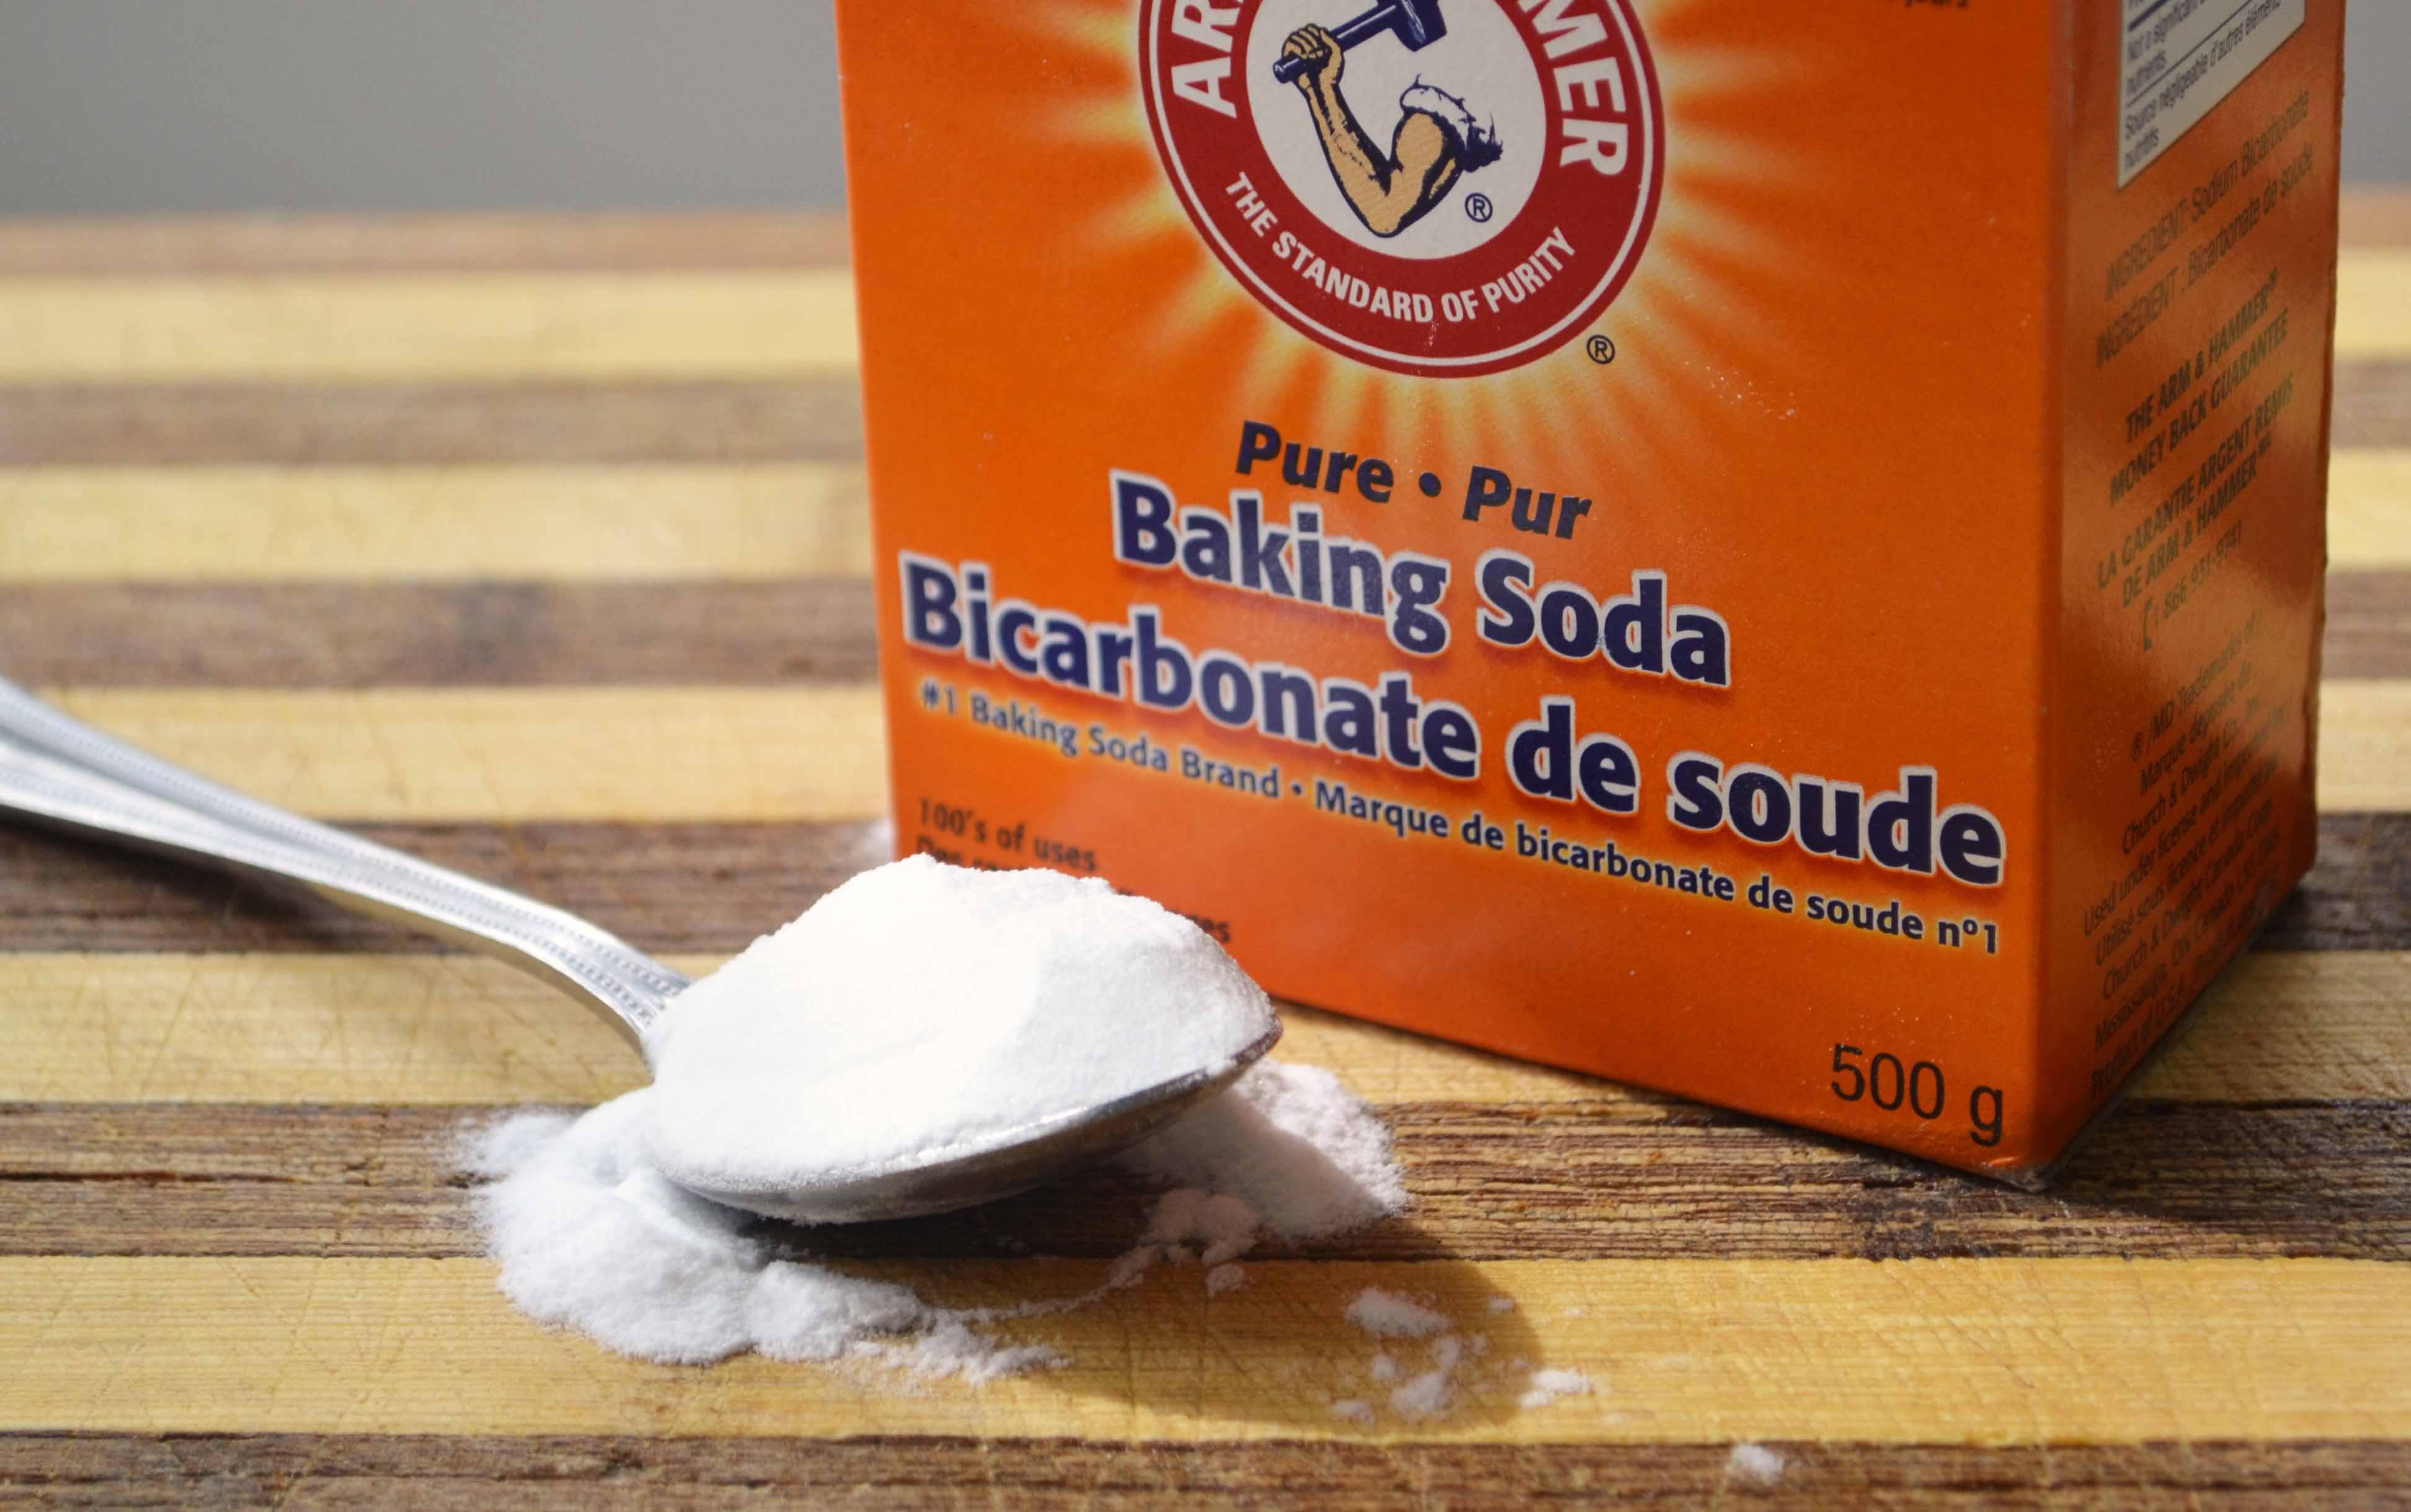 Cách trị nám đơn giản tại nhà với Baking soda